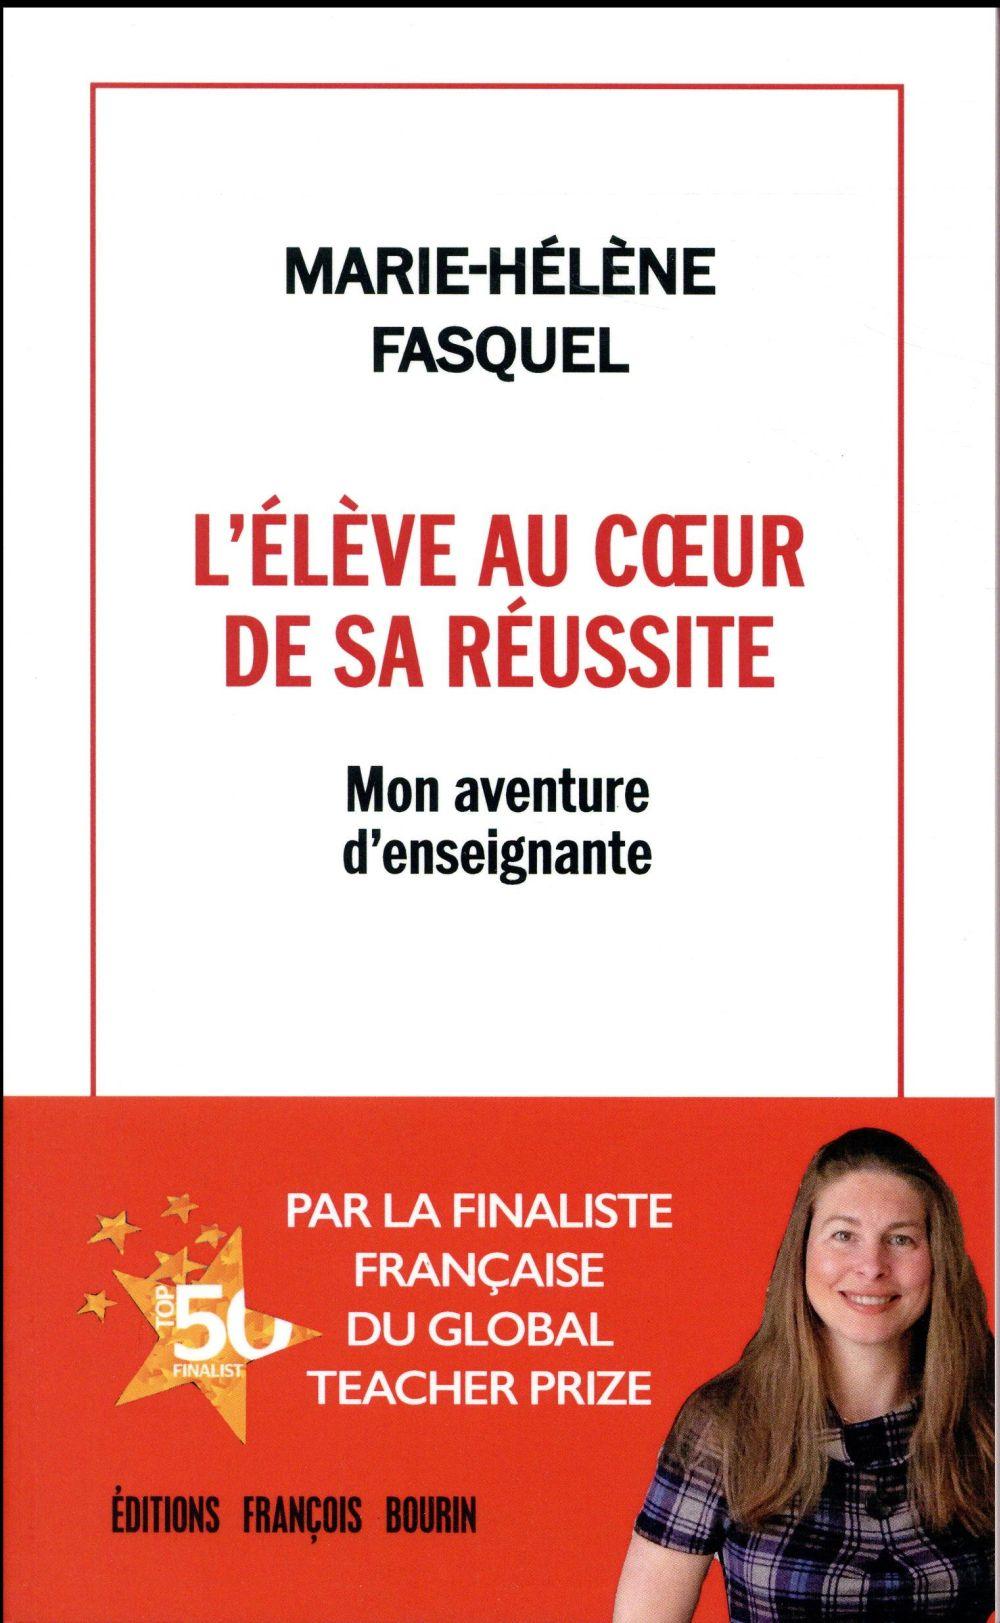 L'ELEVE AU COEUR DE SA REUSSITE - MON AVENTURE D'ENSEIGNANTE